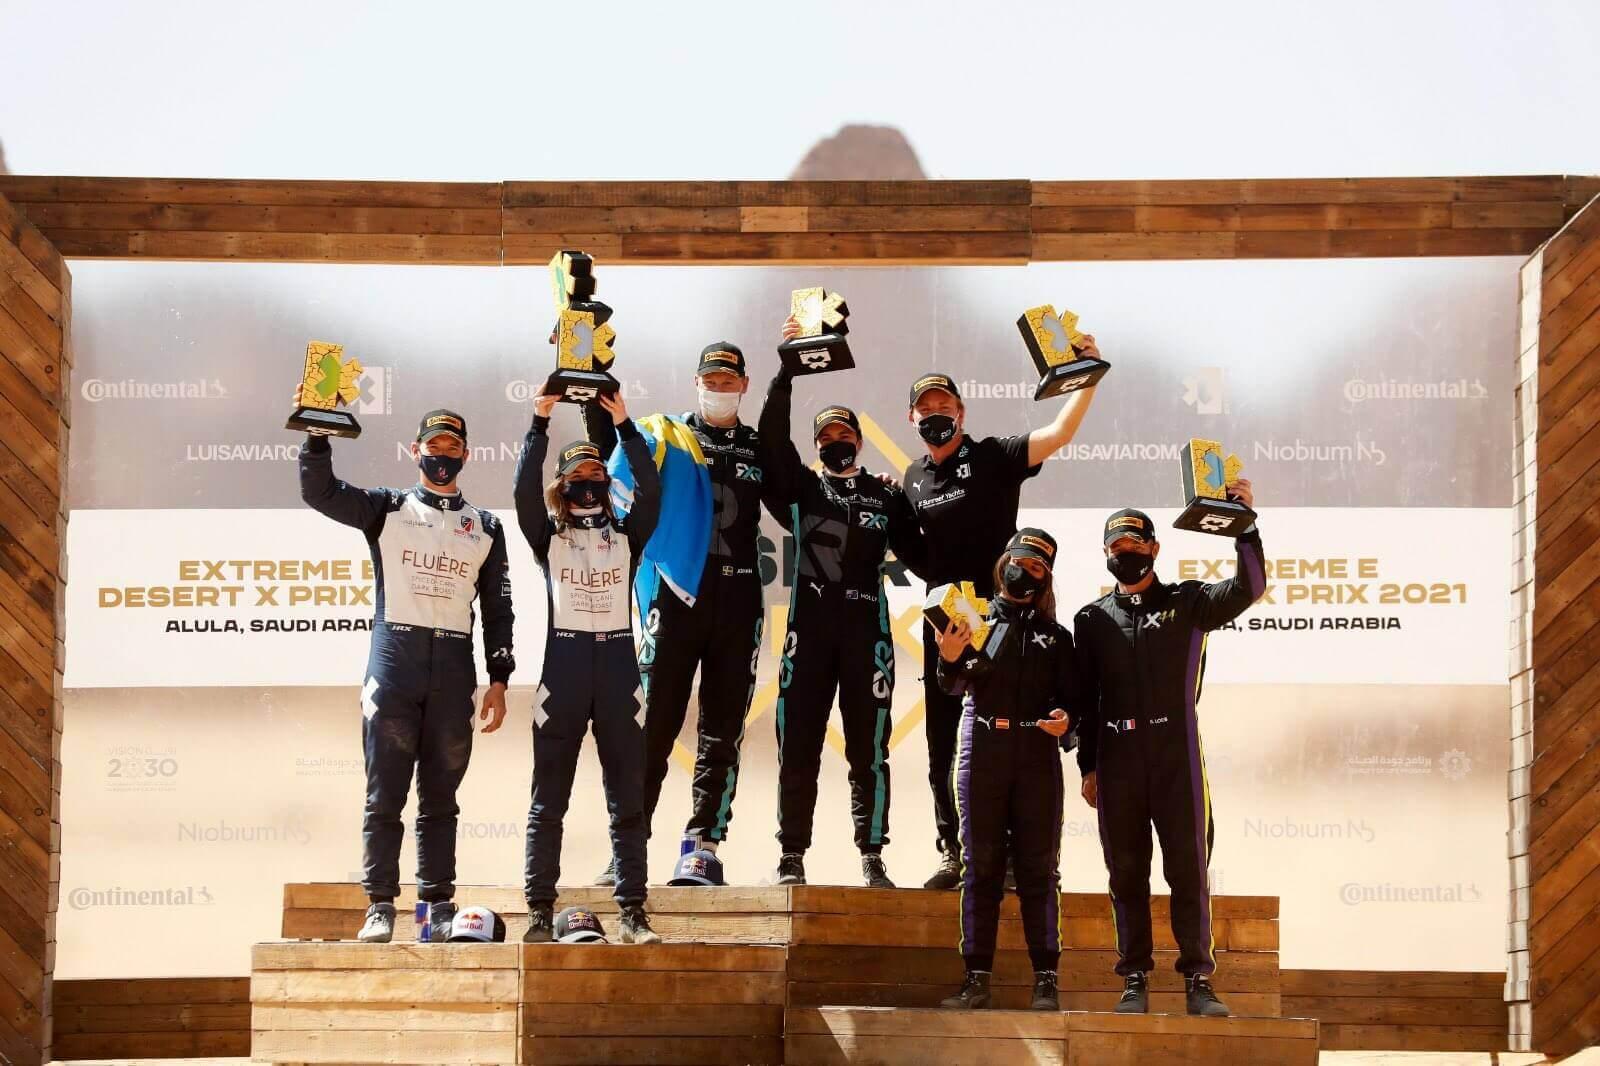 Тройка победителей дебютной гонки Extreme E в пустыне Саудовской Аравии Аль-Ула